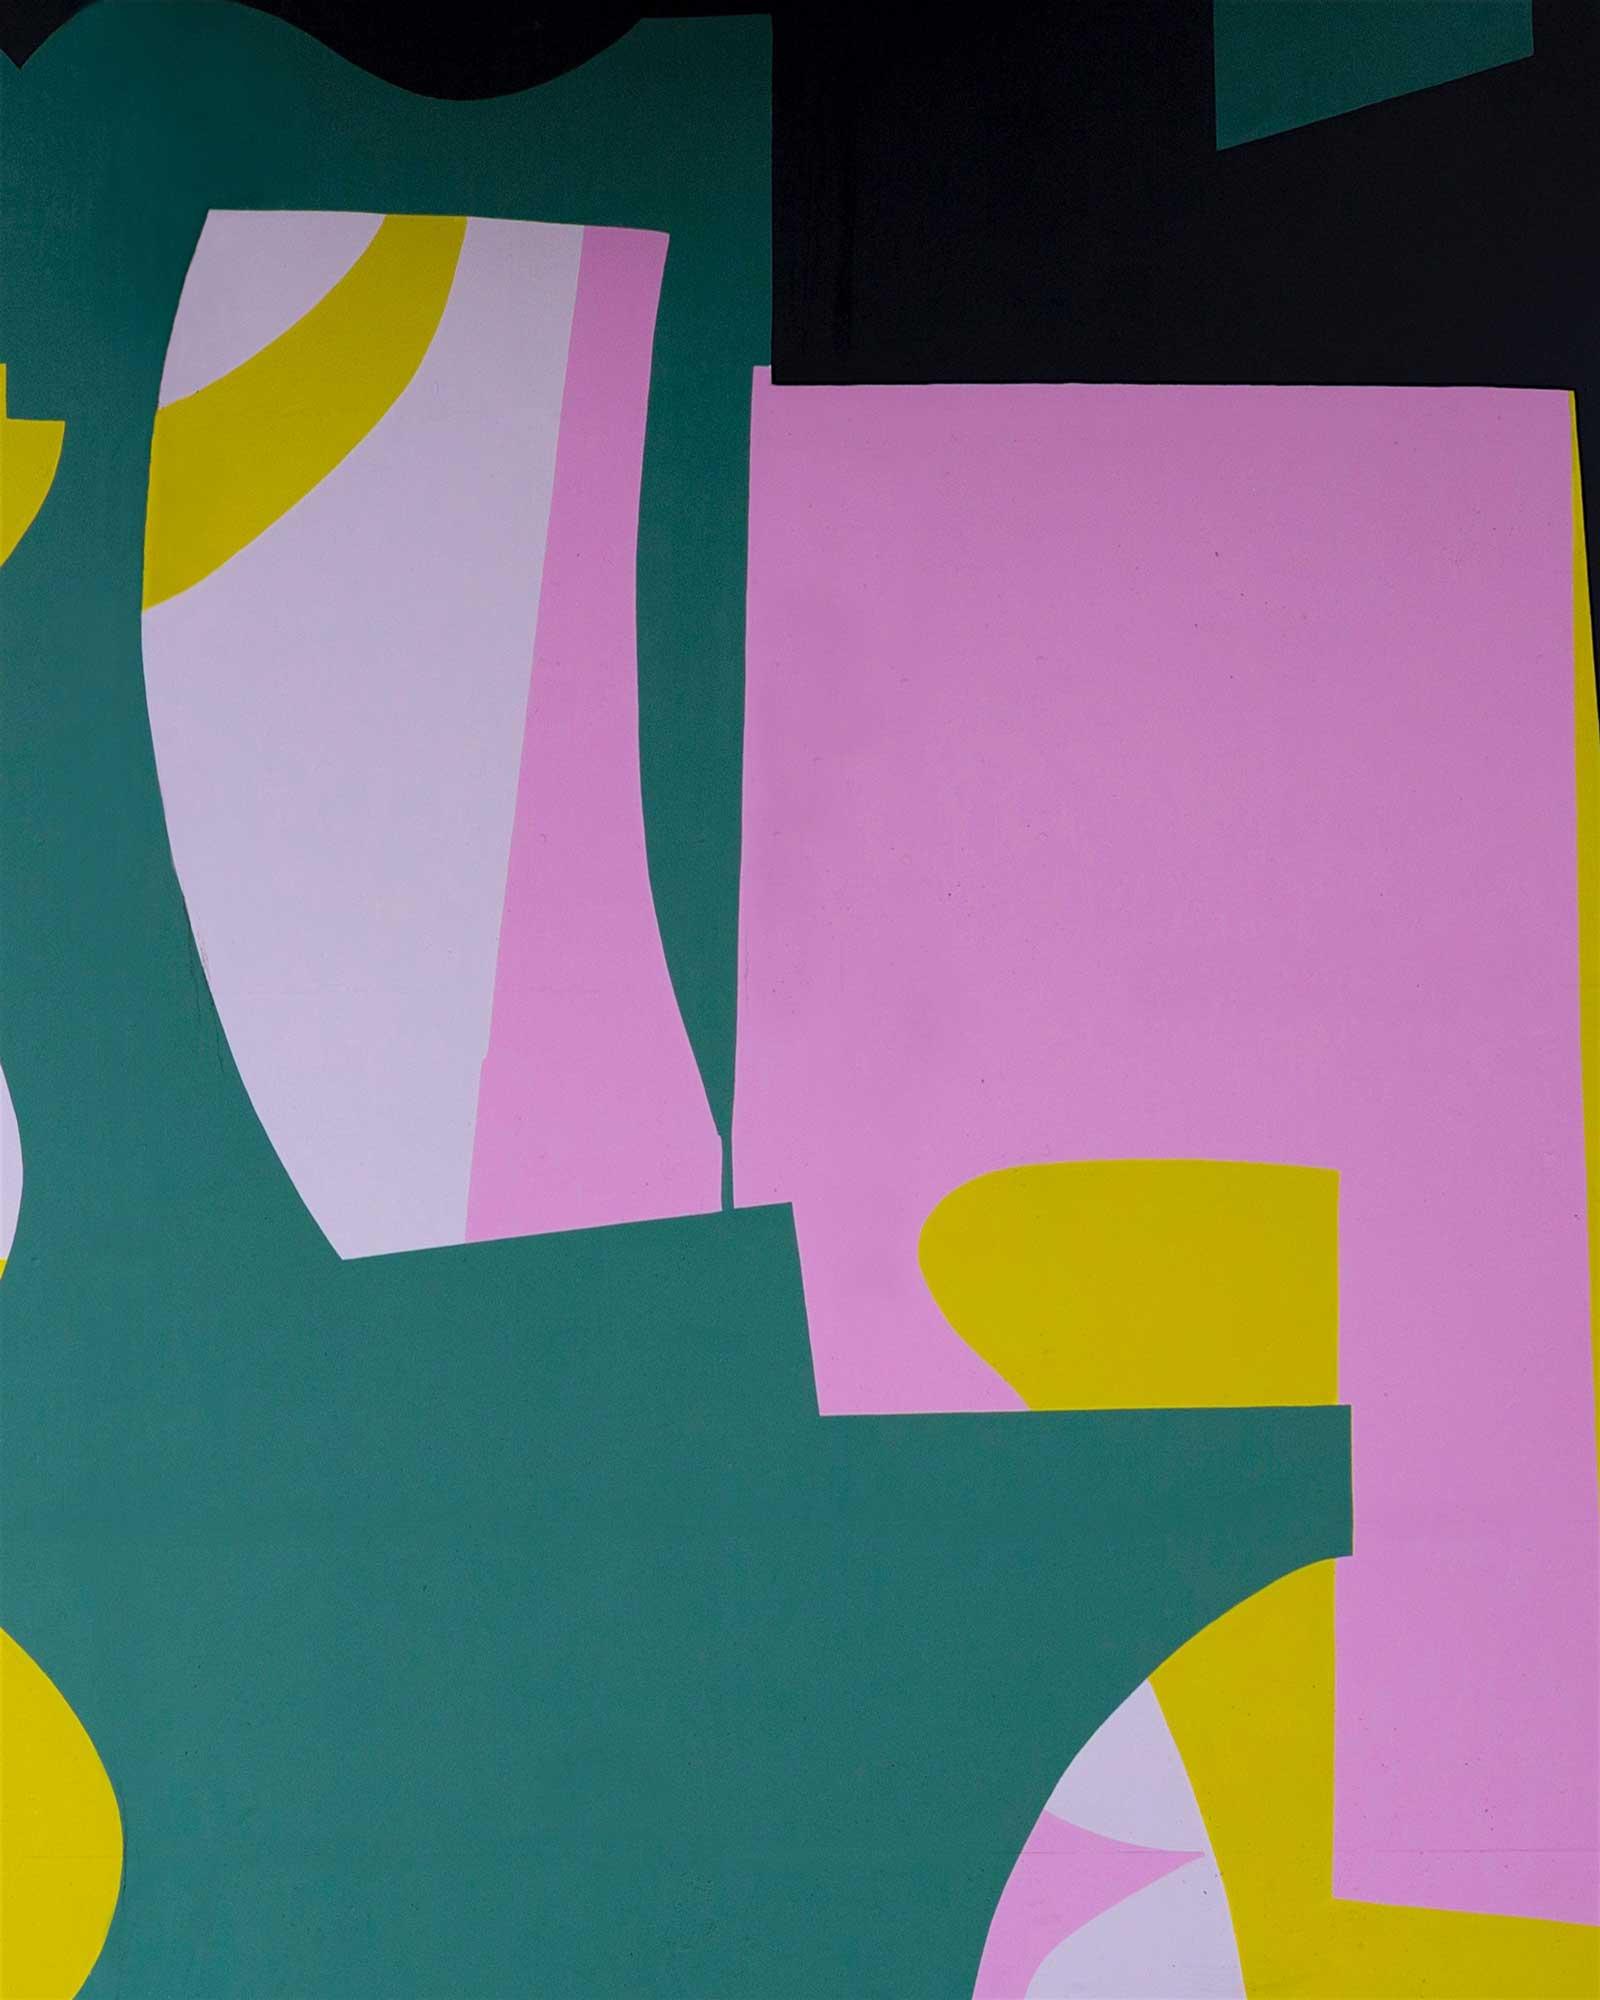 pillars-simondegroot-01-MG_2241.jpg